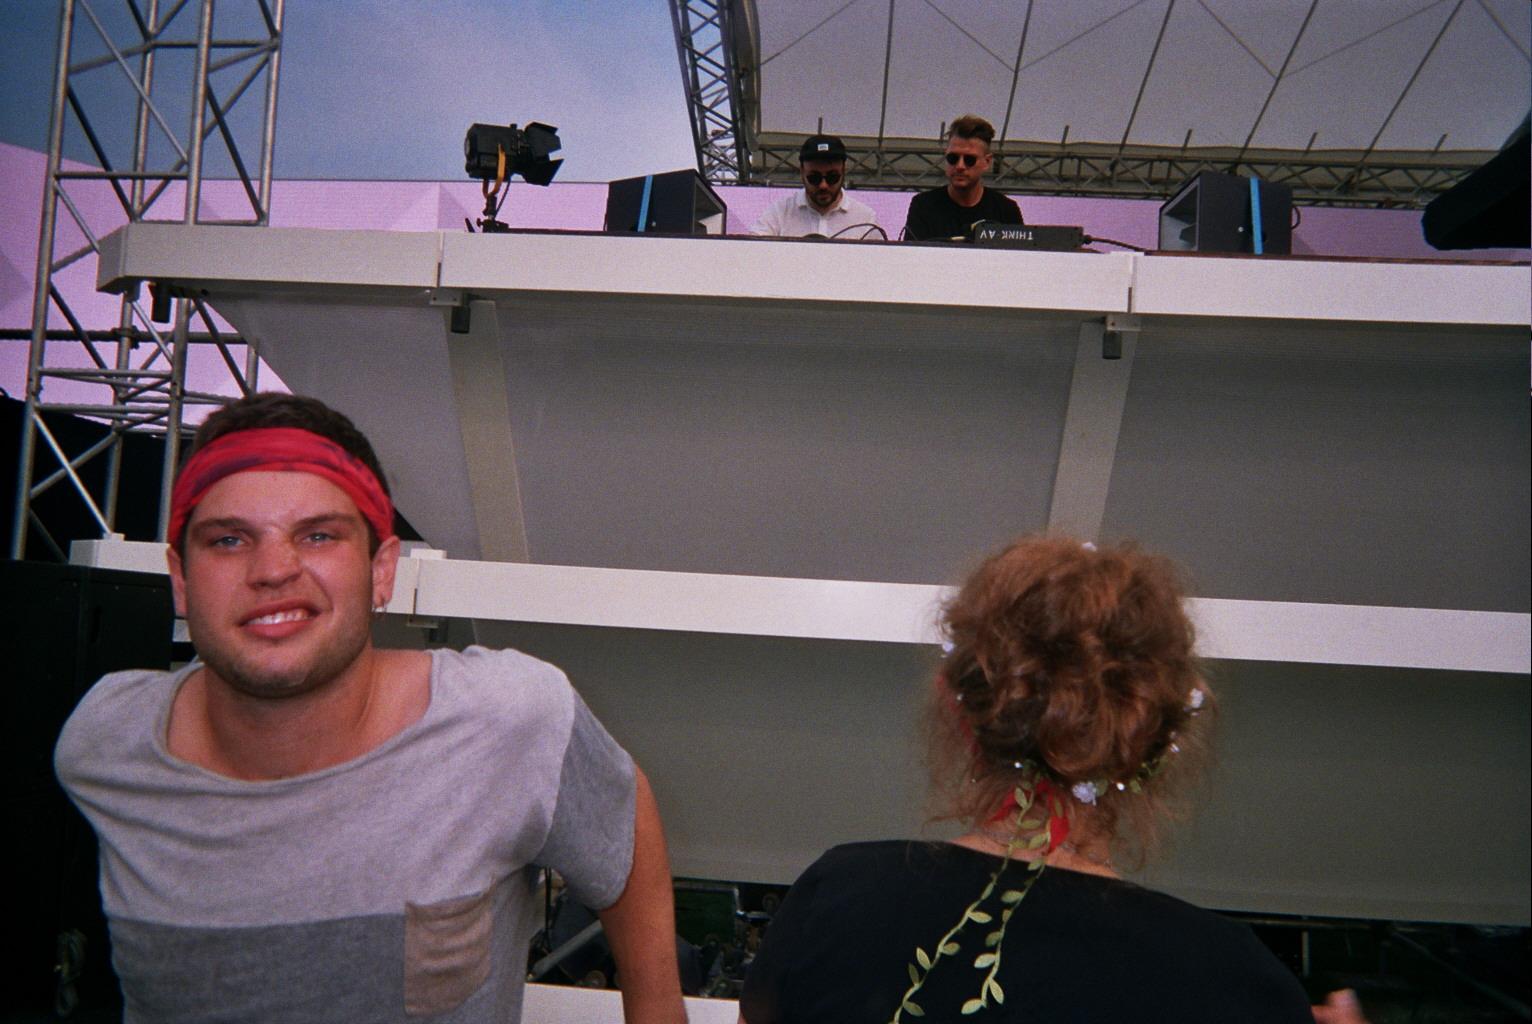 Par contre je sais pas si c'est le soleil mais John Talabot et Axel Boman ils se sont vraiment cru à Ibiza.